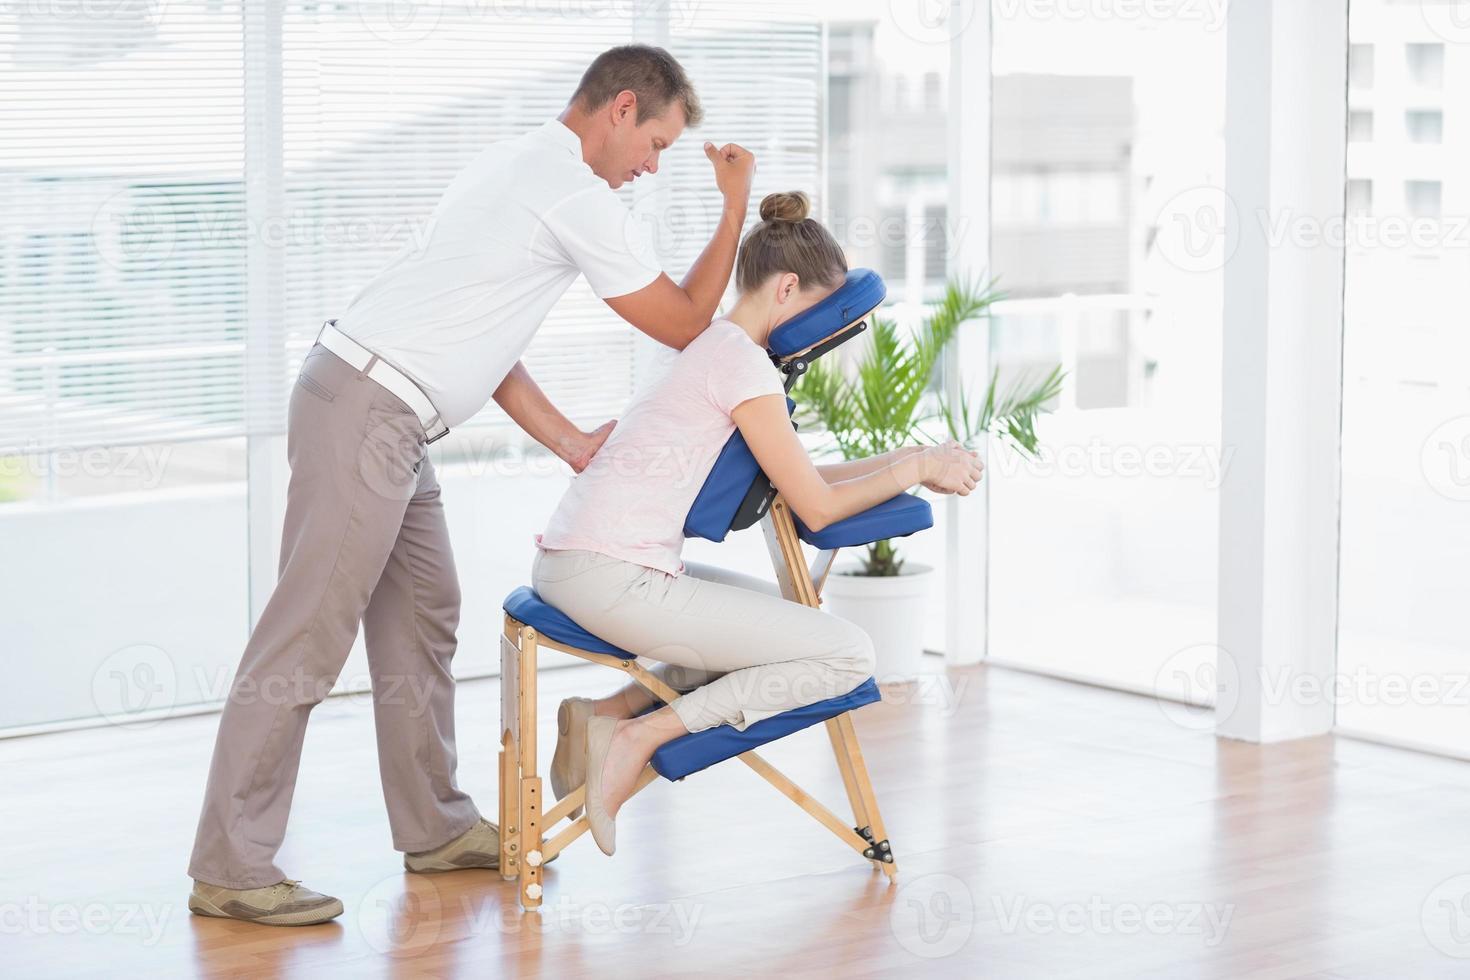 Frau mit Rückenmassage foto